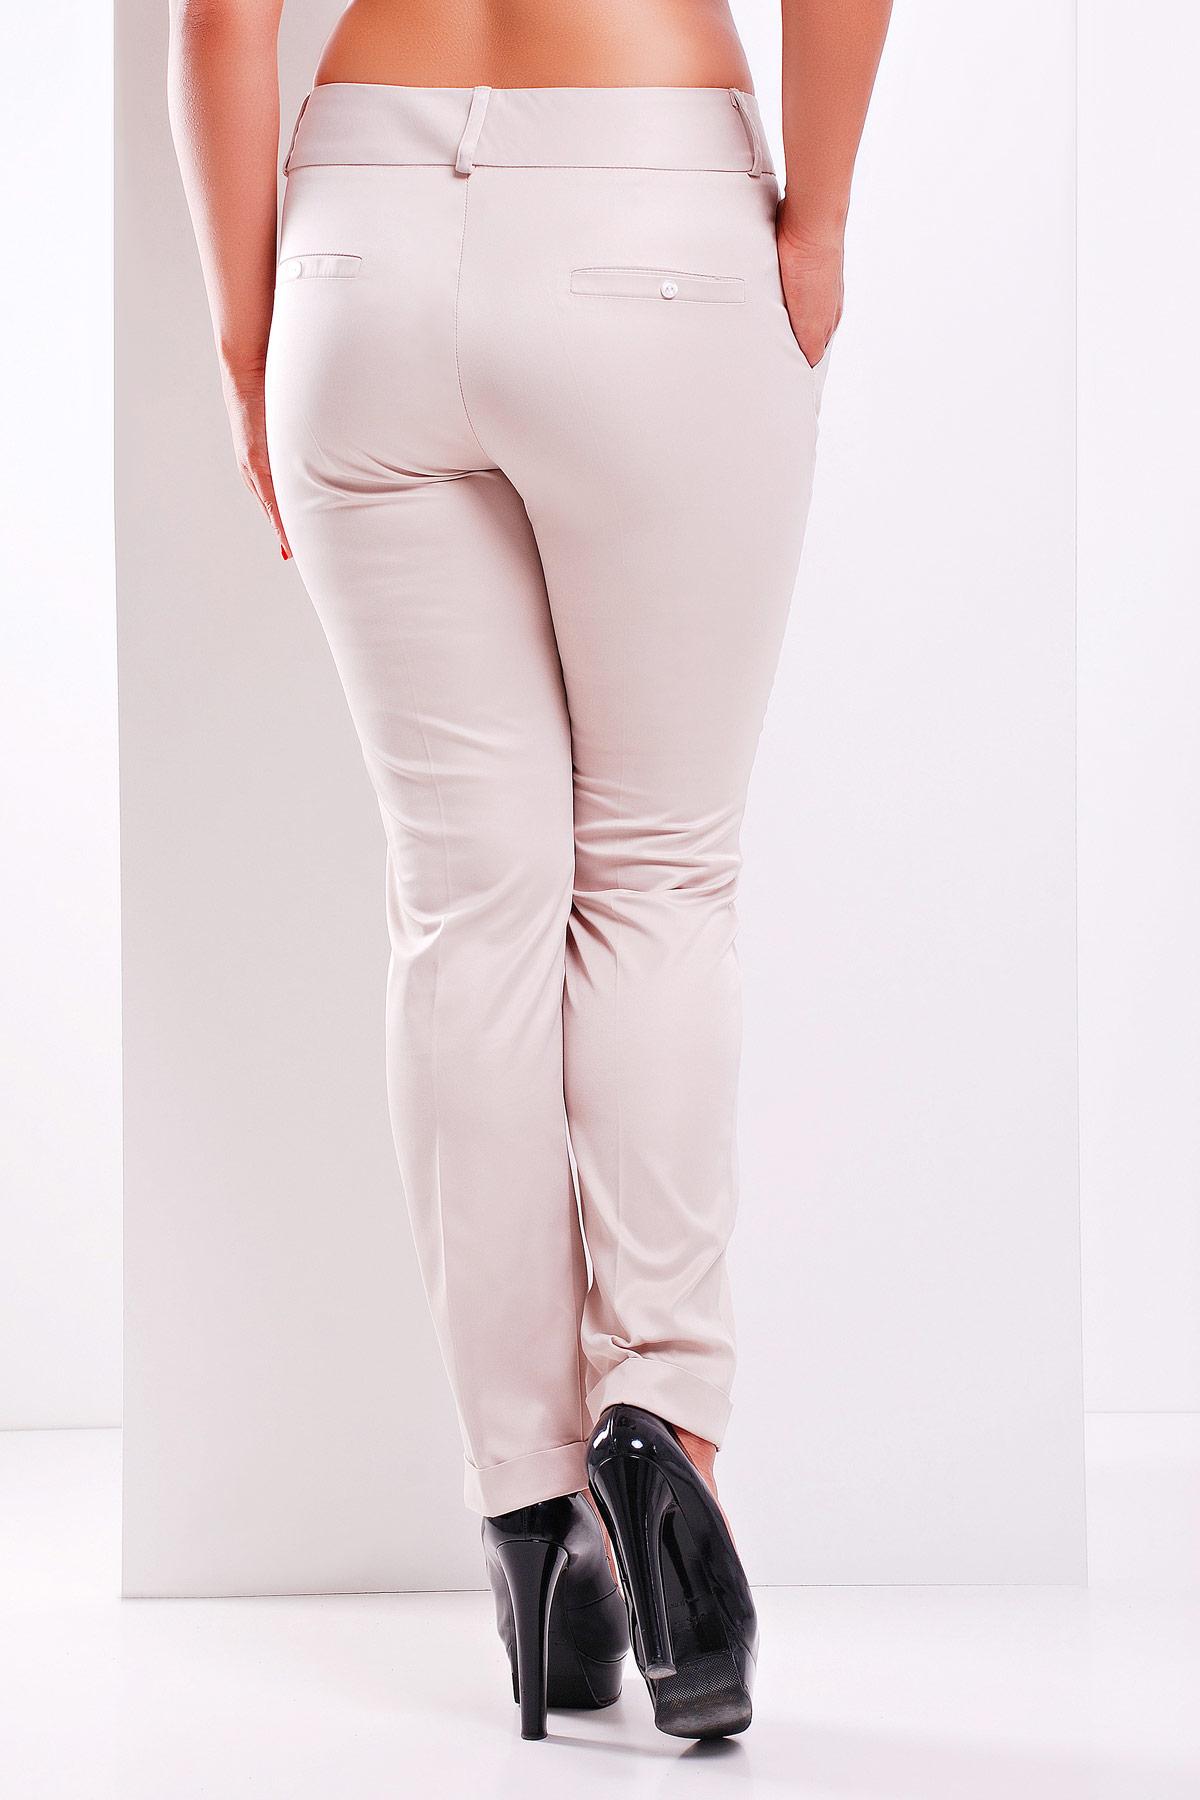 женские темно-синие брюки. брюки Хилори. Цвет: св. бежевый